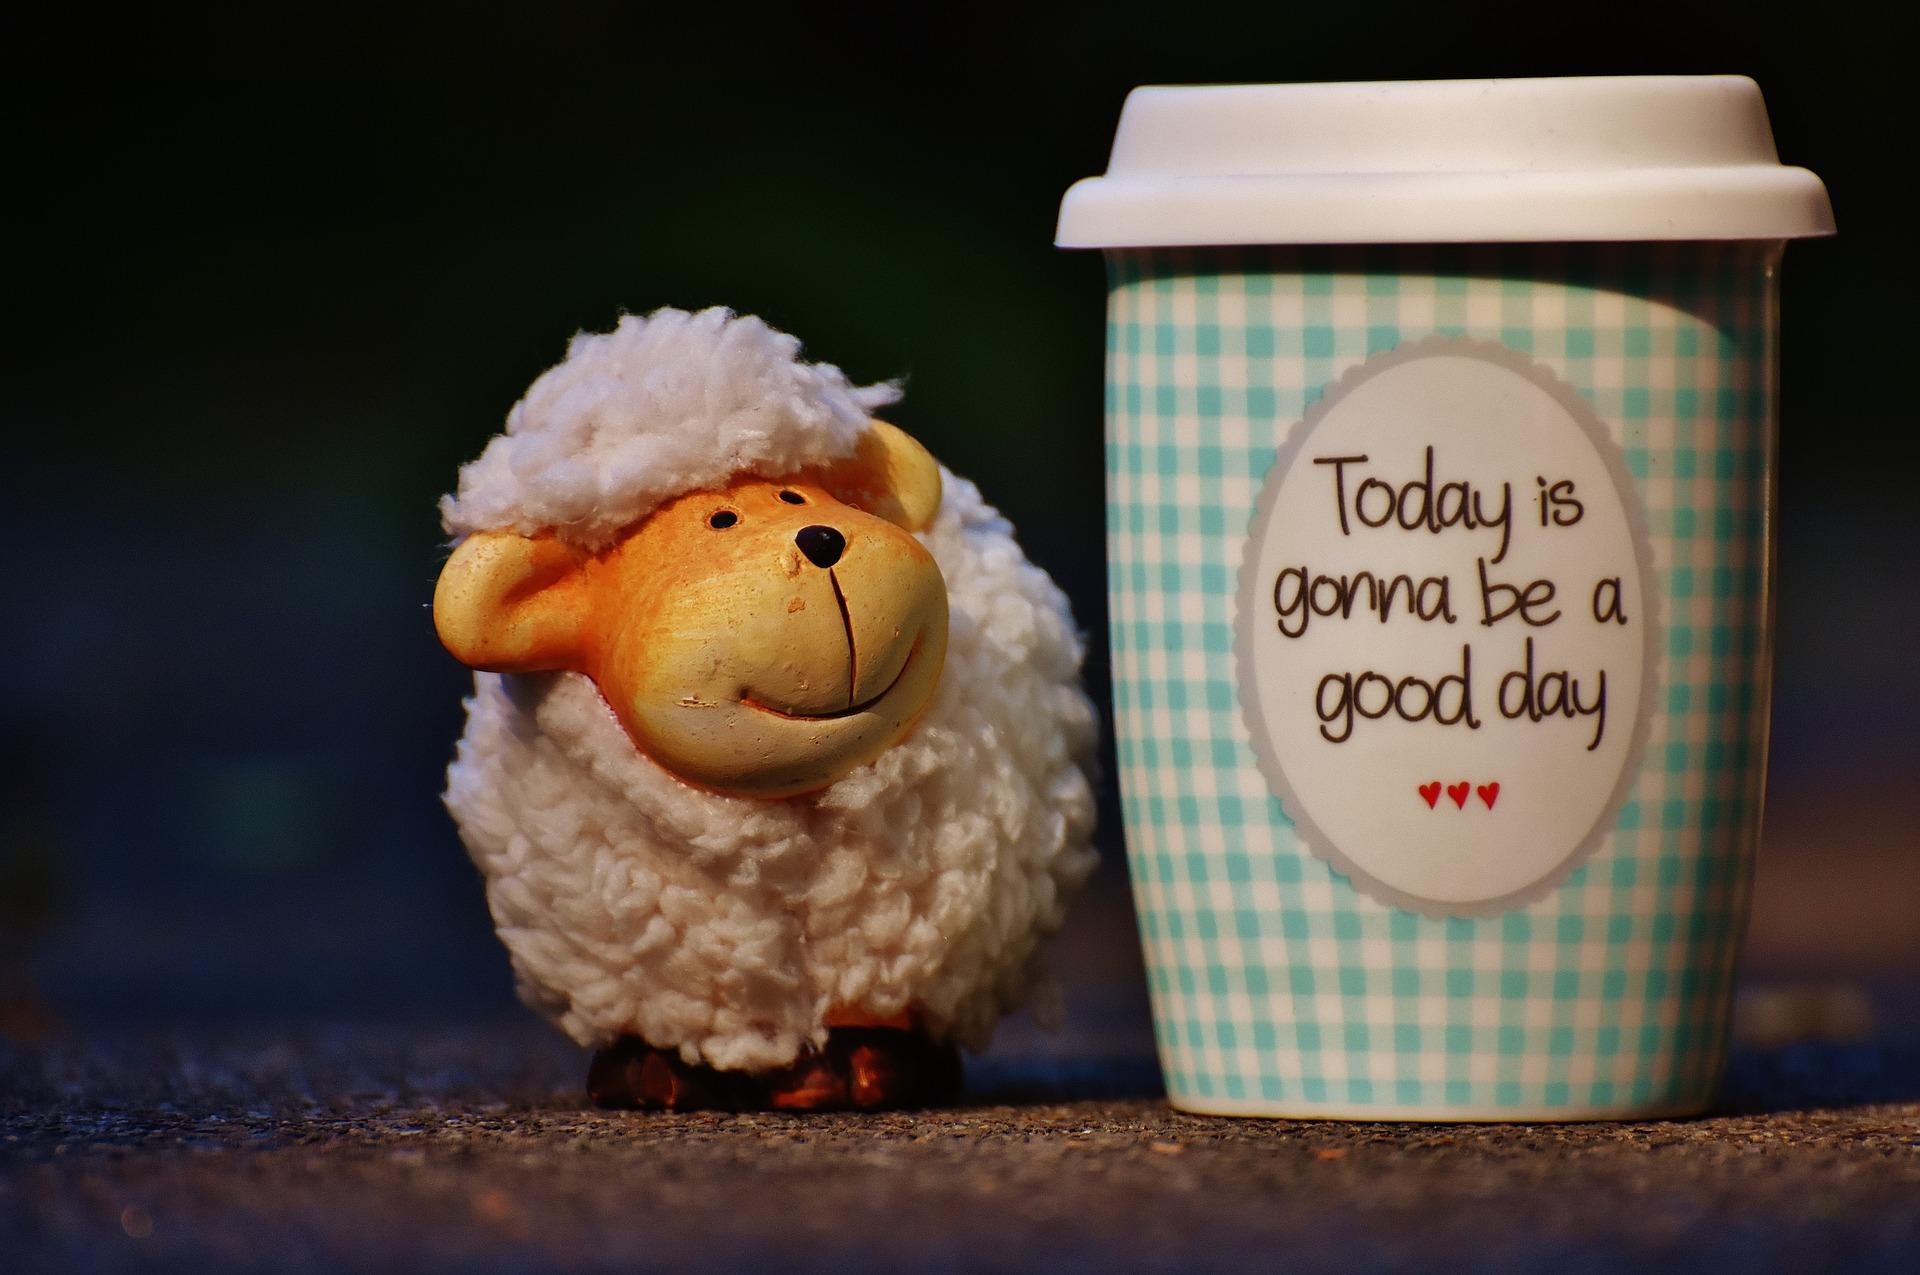 sheep-1644142_1920.jpg